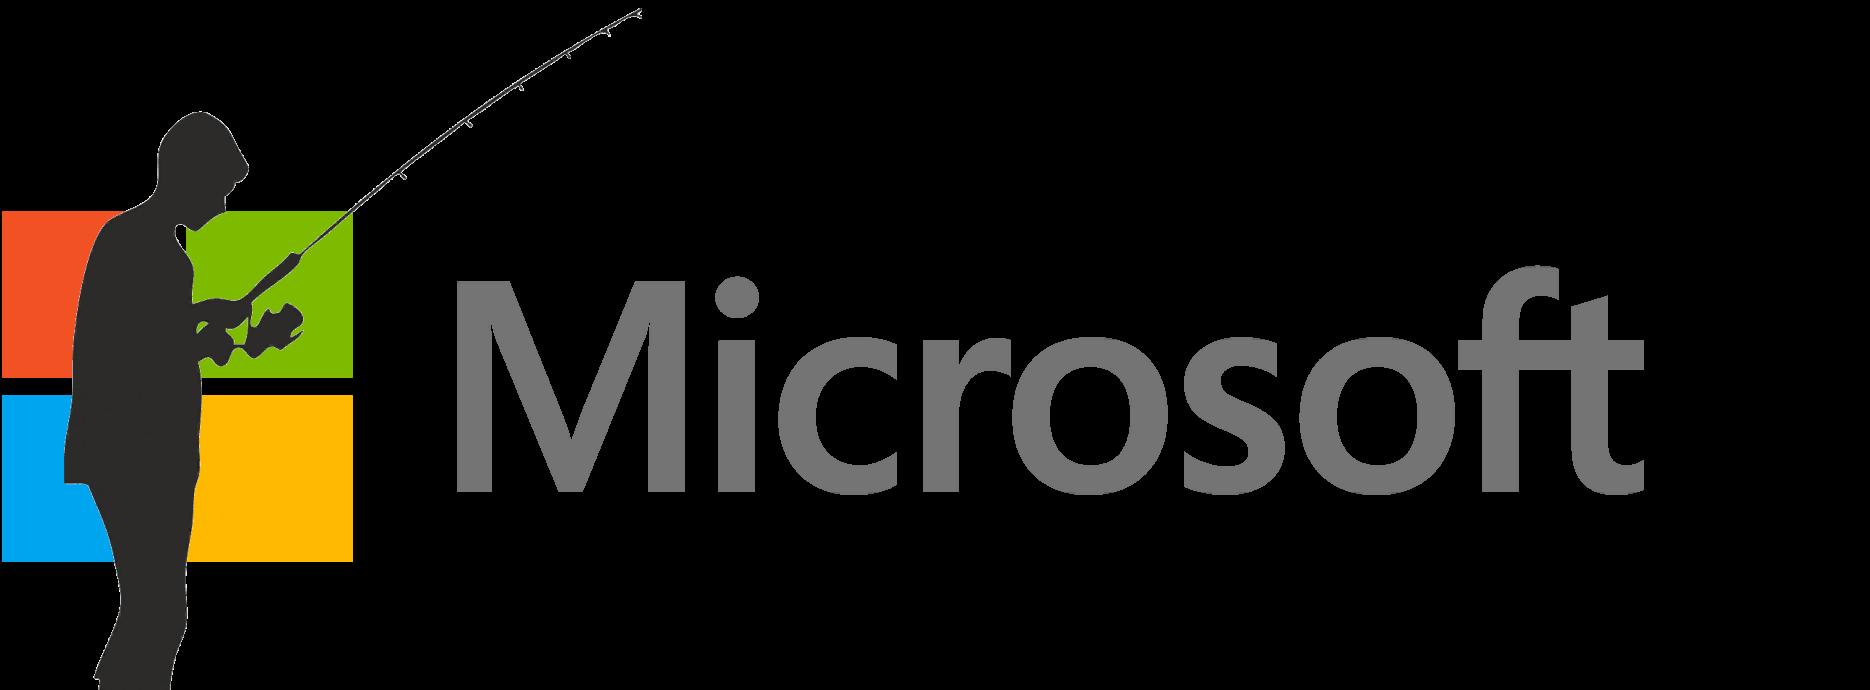 🛍 Текстовые сообщения SMS от Microsoft — Подлинные или Фишинг👨⚕️